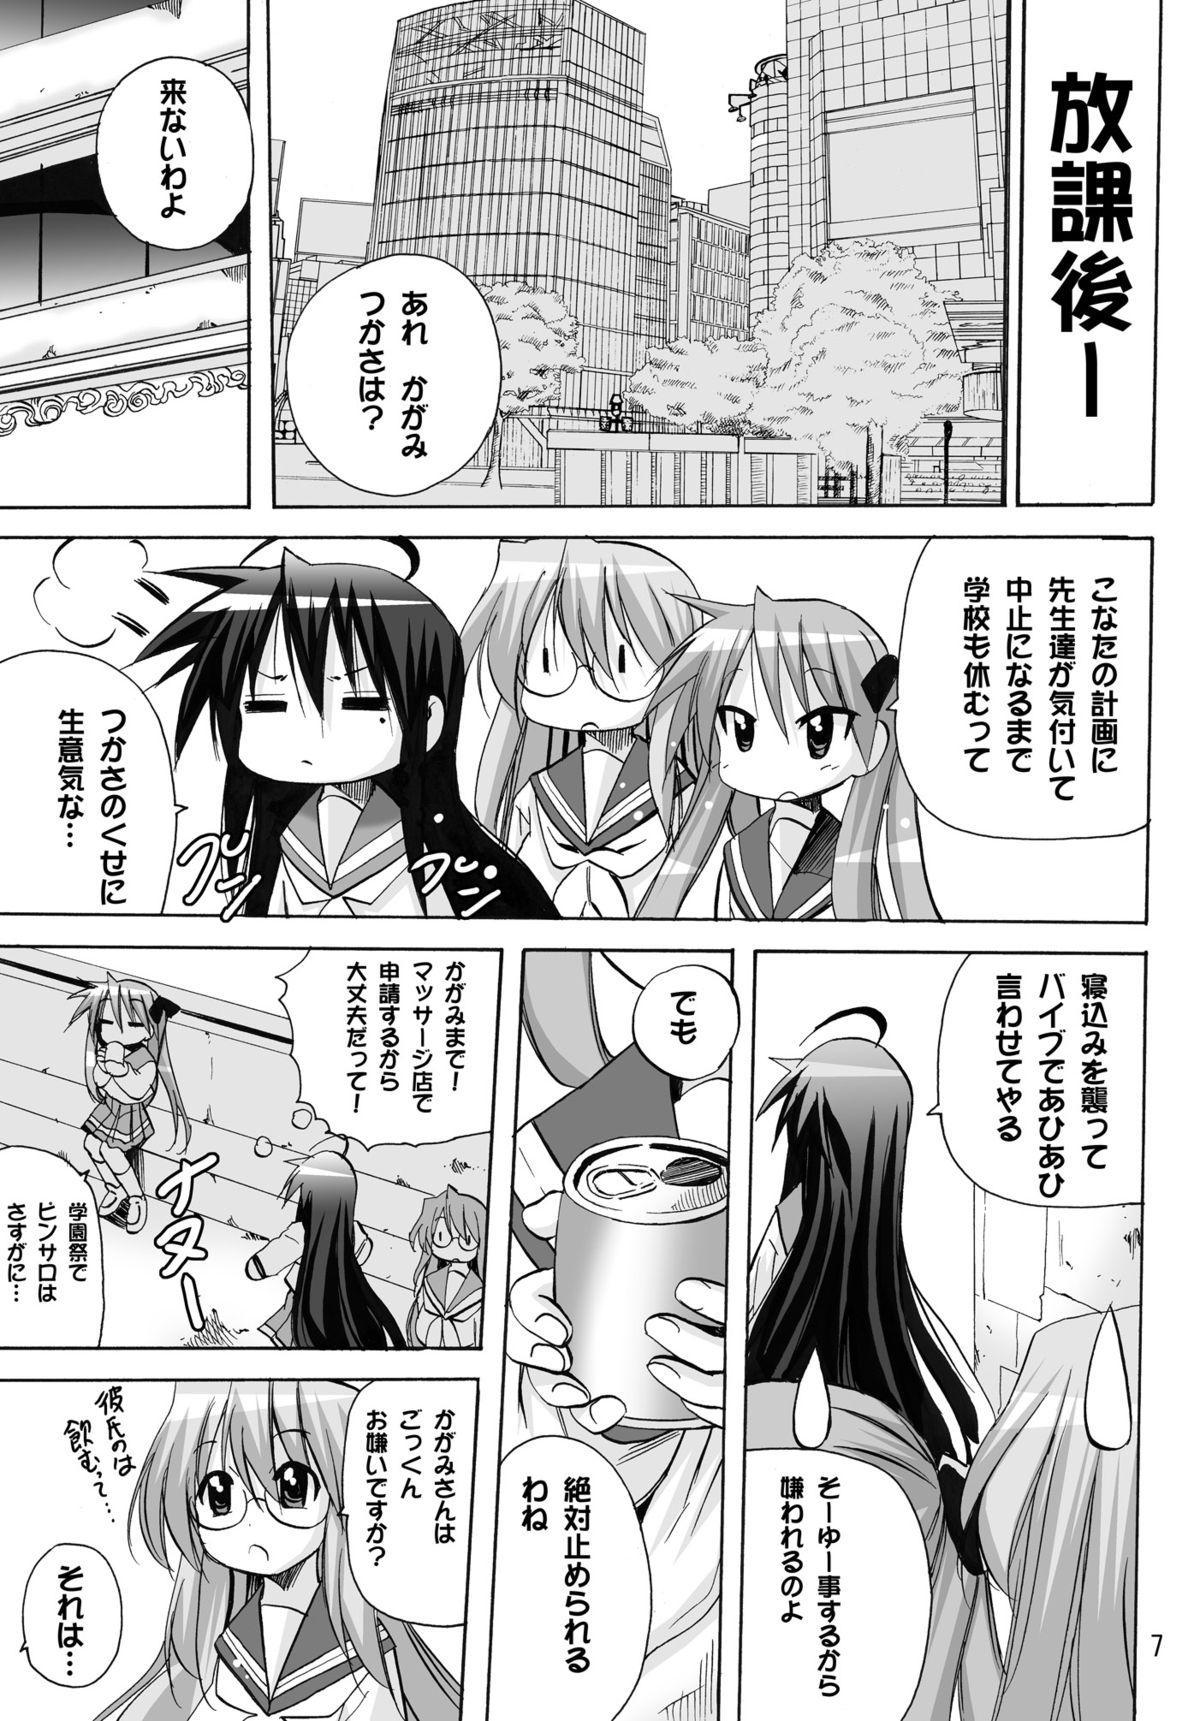 Kagamin no Cheer-cos de Gokkun no Susume 6